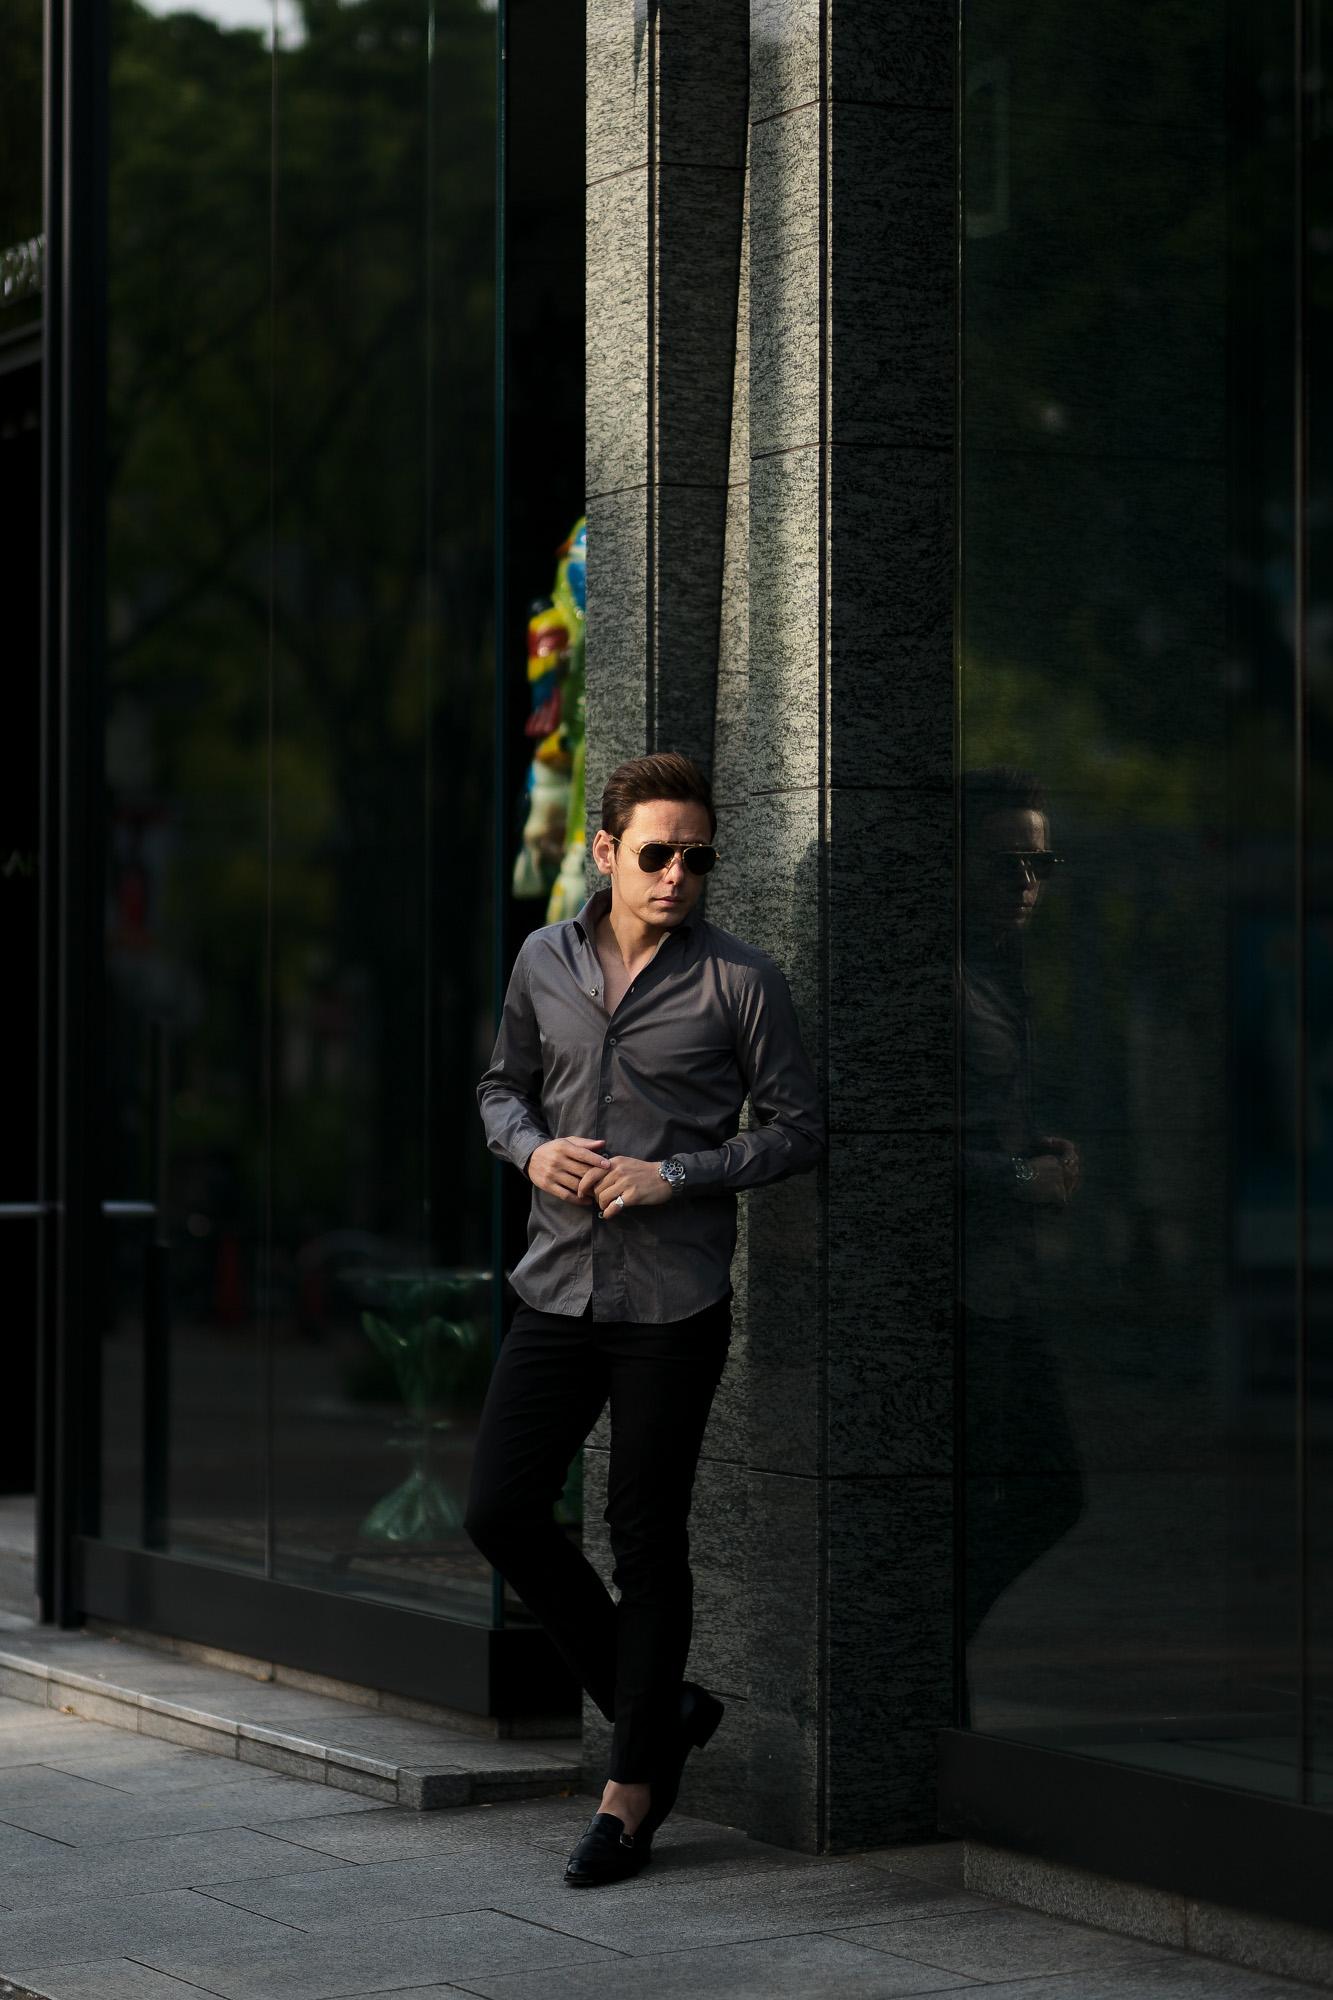 Finamore (フィナモレ) SEUL ITALIAN COLOR COTTON POPLIN SHIRTS コットンポプリン ワンピースカラー シャツ GRAY (グレー・42) made in italy (イタリア製) 2020 春夏新作 愛知 名古屋 altoediritto アルトエデリット